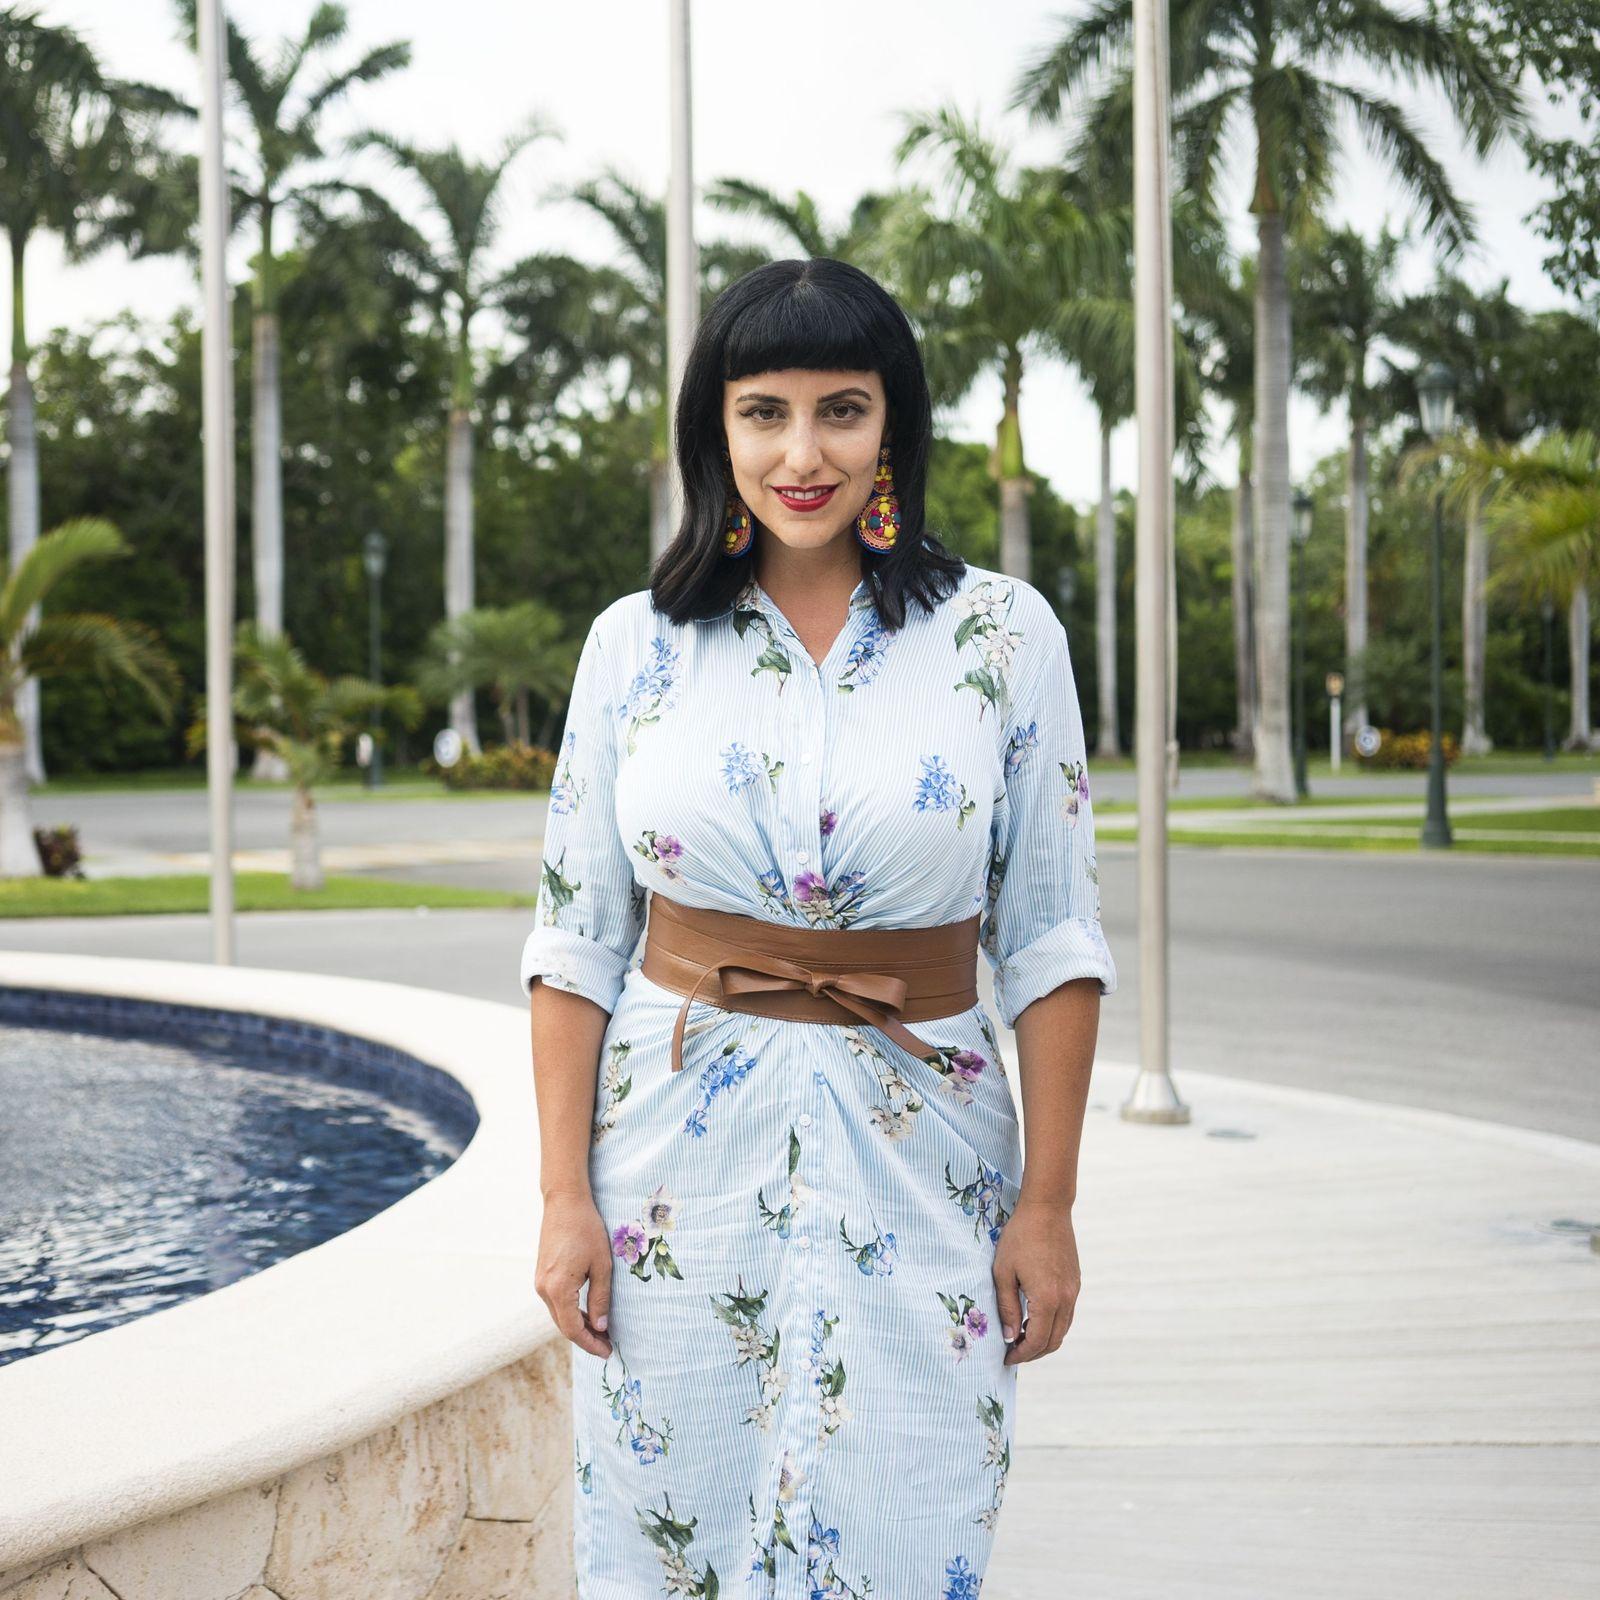 La influencer Global Girl Travels eligió Barceló Maya Grand Resort para sus vacaciones en México